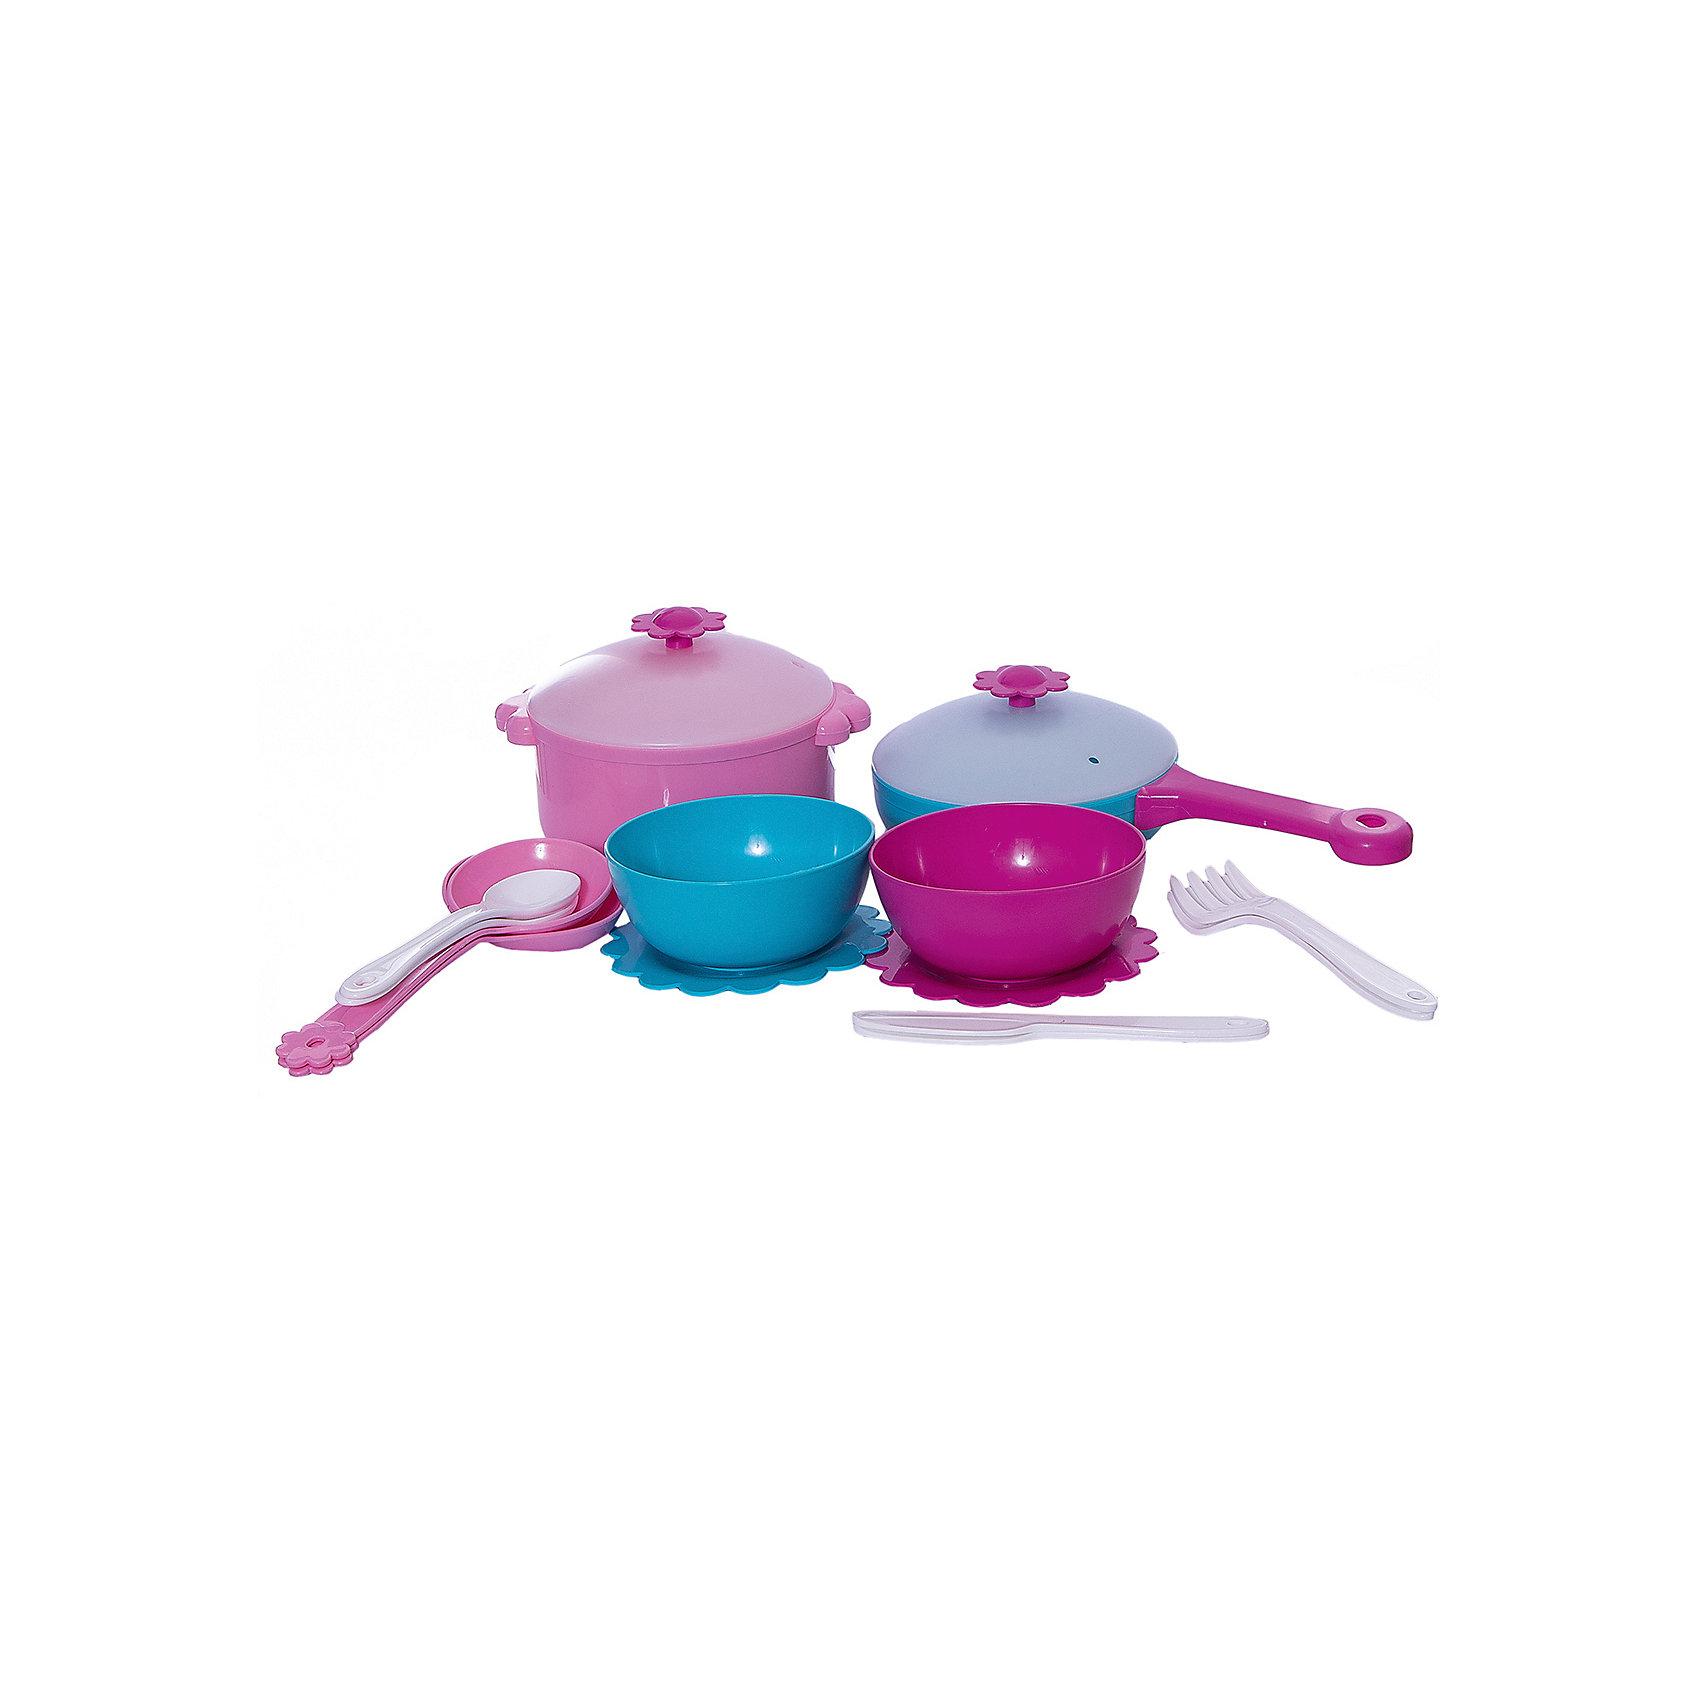 Игровой набор посуды Зайка, 16 предметов, Mary PoppinsИгровой набор посуды Зайка, 16 предметов, Mary Poppins.<br><br>Характеристики:<br><br>• Комплектация: кастрюля с крышкой, сковородка с крышкой, две тарелки, две миски, две ложки, две вилки, два ножа, шумовка, ложка большая<br>• Материал: пластмасса<br>• Размер упаковки: 21х14х18 см.<br><br>Кухонный игровой набор из эксклюзивной коллекции Зайка ТМ Mary Poppins состоит 16 предметов, с которыми девочка почувствует себя настоящей поварихой и гостеприимной хозяйкой. В набор входят кастрюля и сковорода с крышками, две глубокие миски, две плоские тарелочки, шумовка, большая ложка и два комплекта столовых приборов, каждый из которых включает в себя ложку, вилку и нож. Все элементы набора изготовлены из качественной гипоаллергенной пластмассы.<br><br>Игровой набор посуды Зайка, 16 предметов, Mary Poppins можно купить в нашем интернет-магазине.<br><br>Ширина мм: 230<br>Глубина мм: 230<br>Высота мм: 100<br>Вес г: 13<br>Возраст от месяцев: 24<br>Возраст до месяцев: 2147483647<br>Пол: Женский<br>Возраст: Детский<br>SKU: 5402760